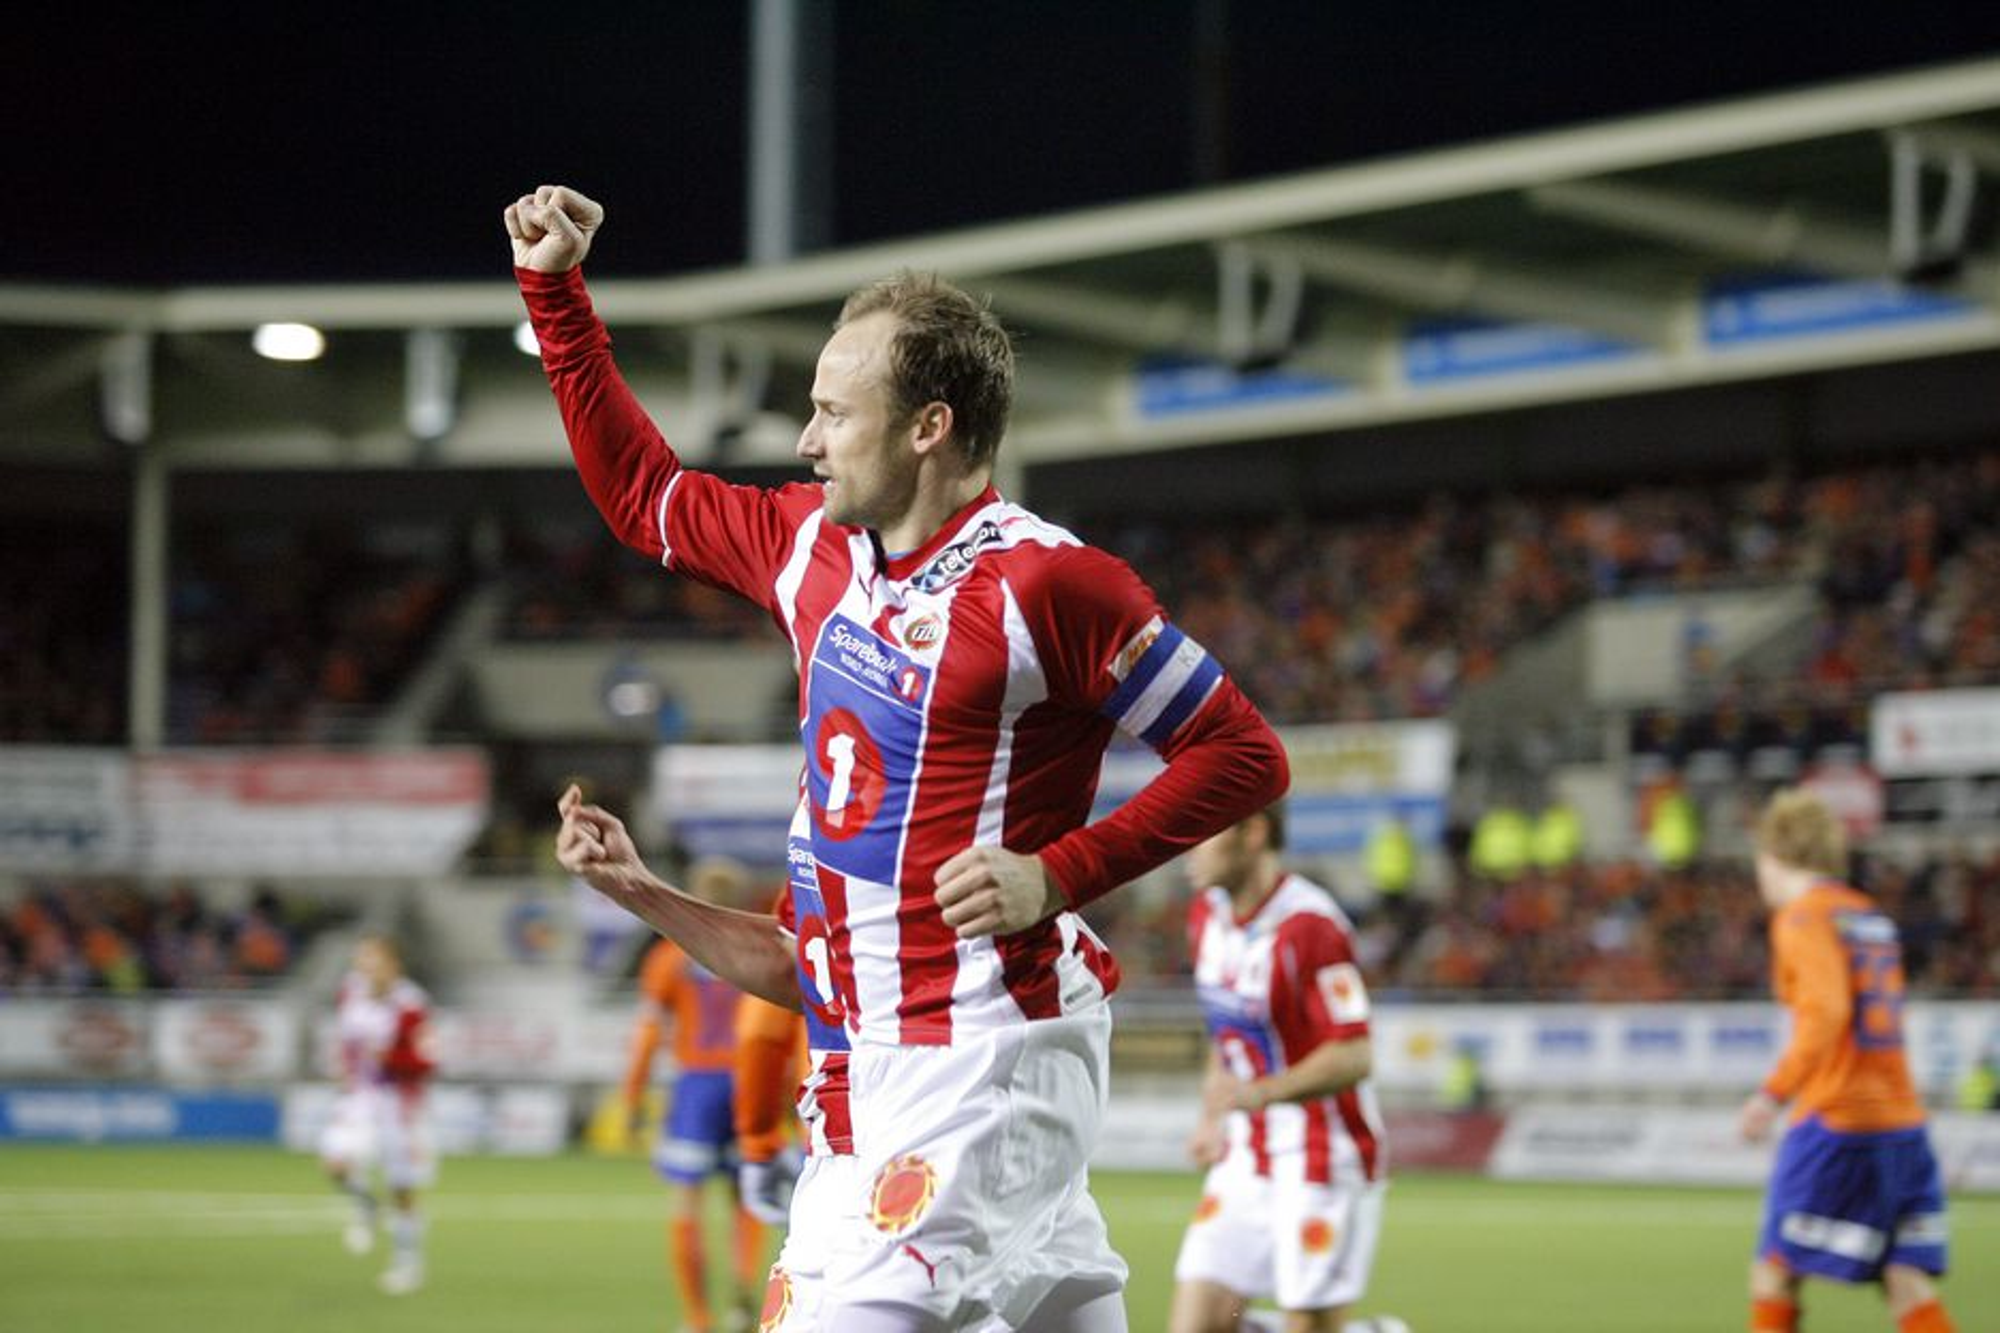 Da VGLives seere så Sigurd Rushfeldt sette inn 1-1-målet mot Ålesund søndag, kom signalene fra en maskinpark i USA.